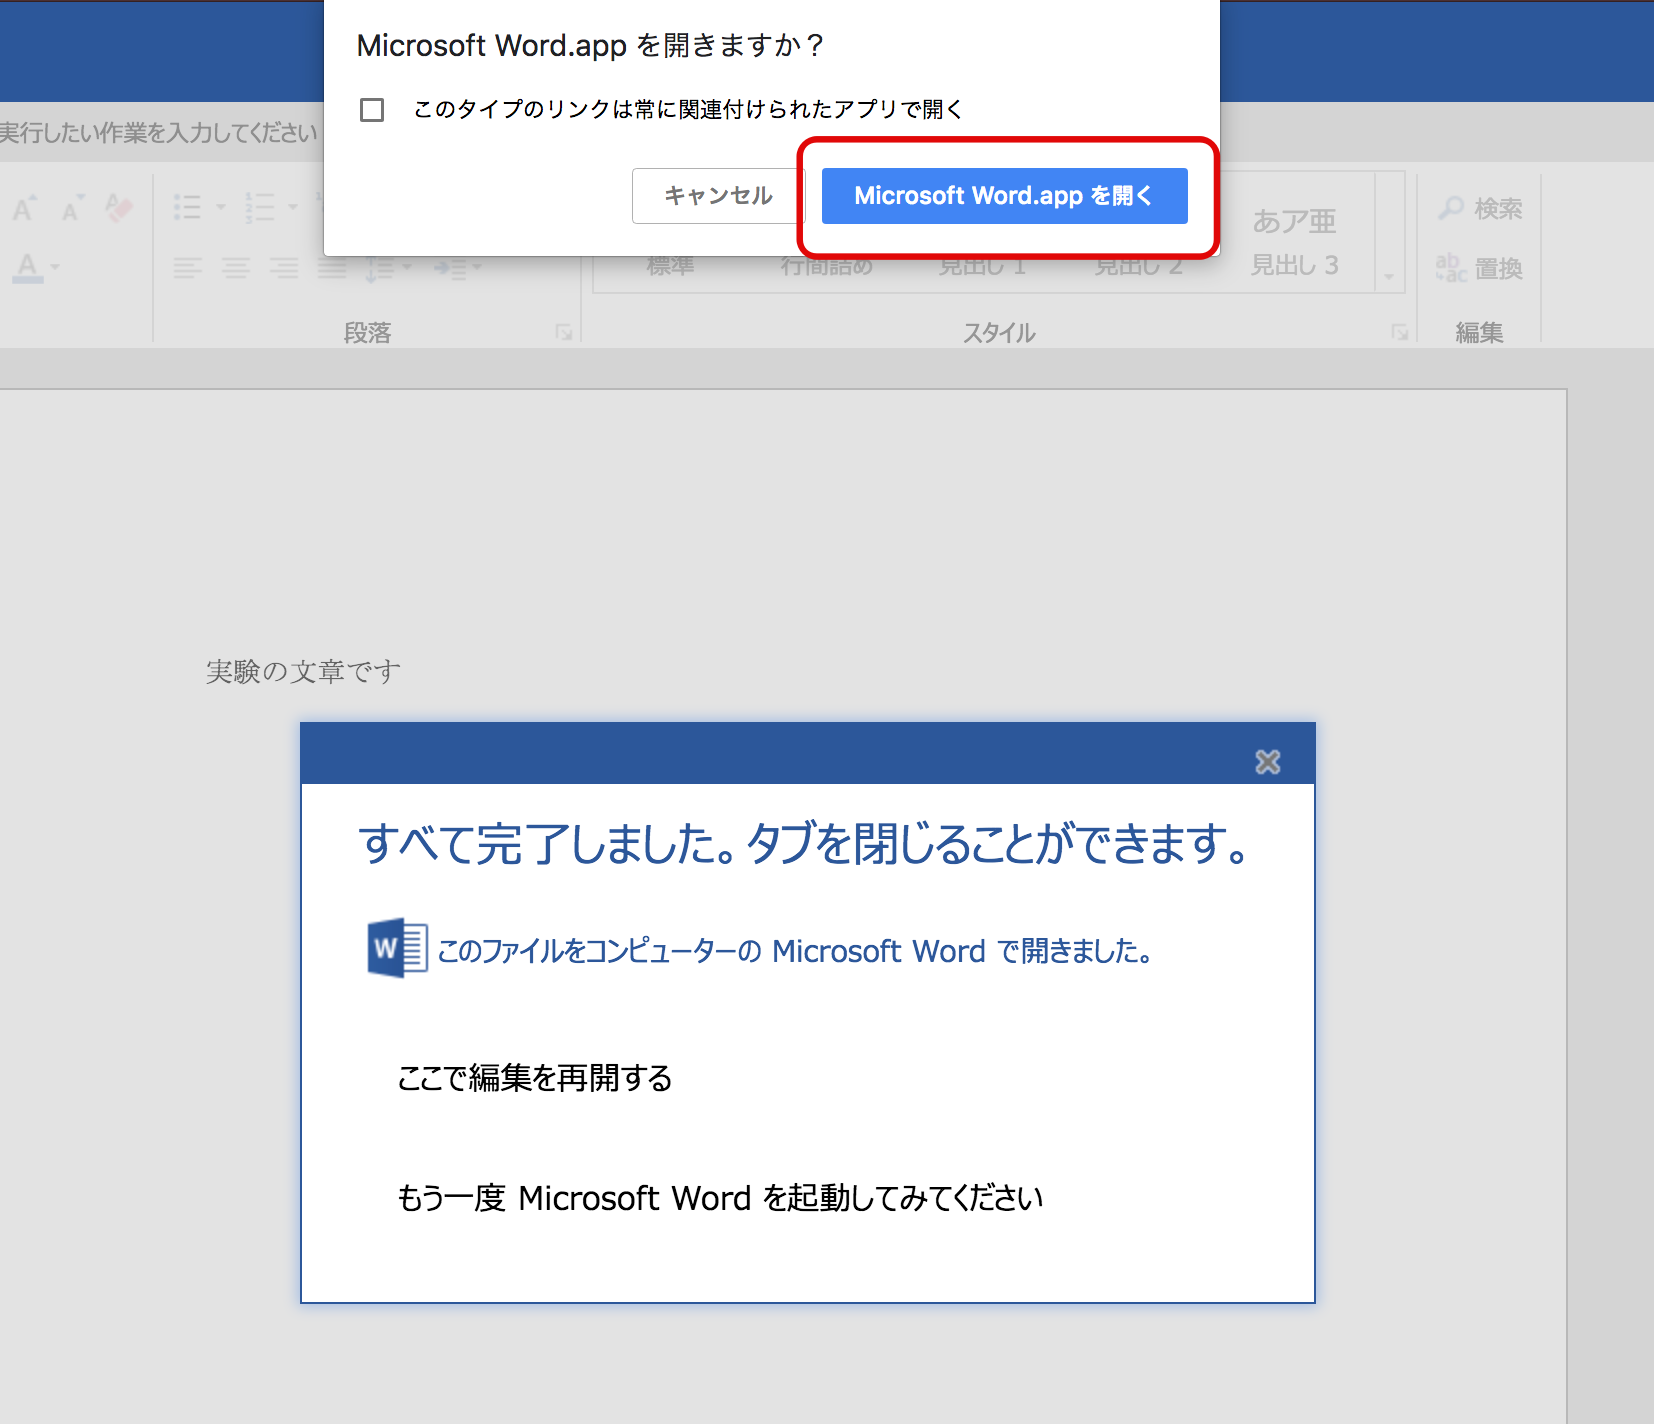 ポップアップ画面が表示されるので、 Microsoft Word.appを開くをクリック